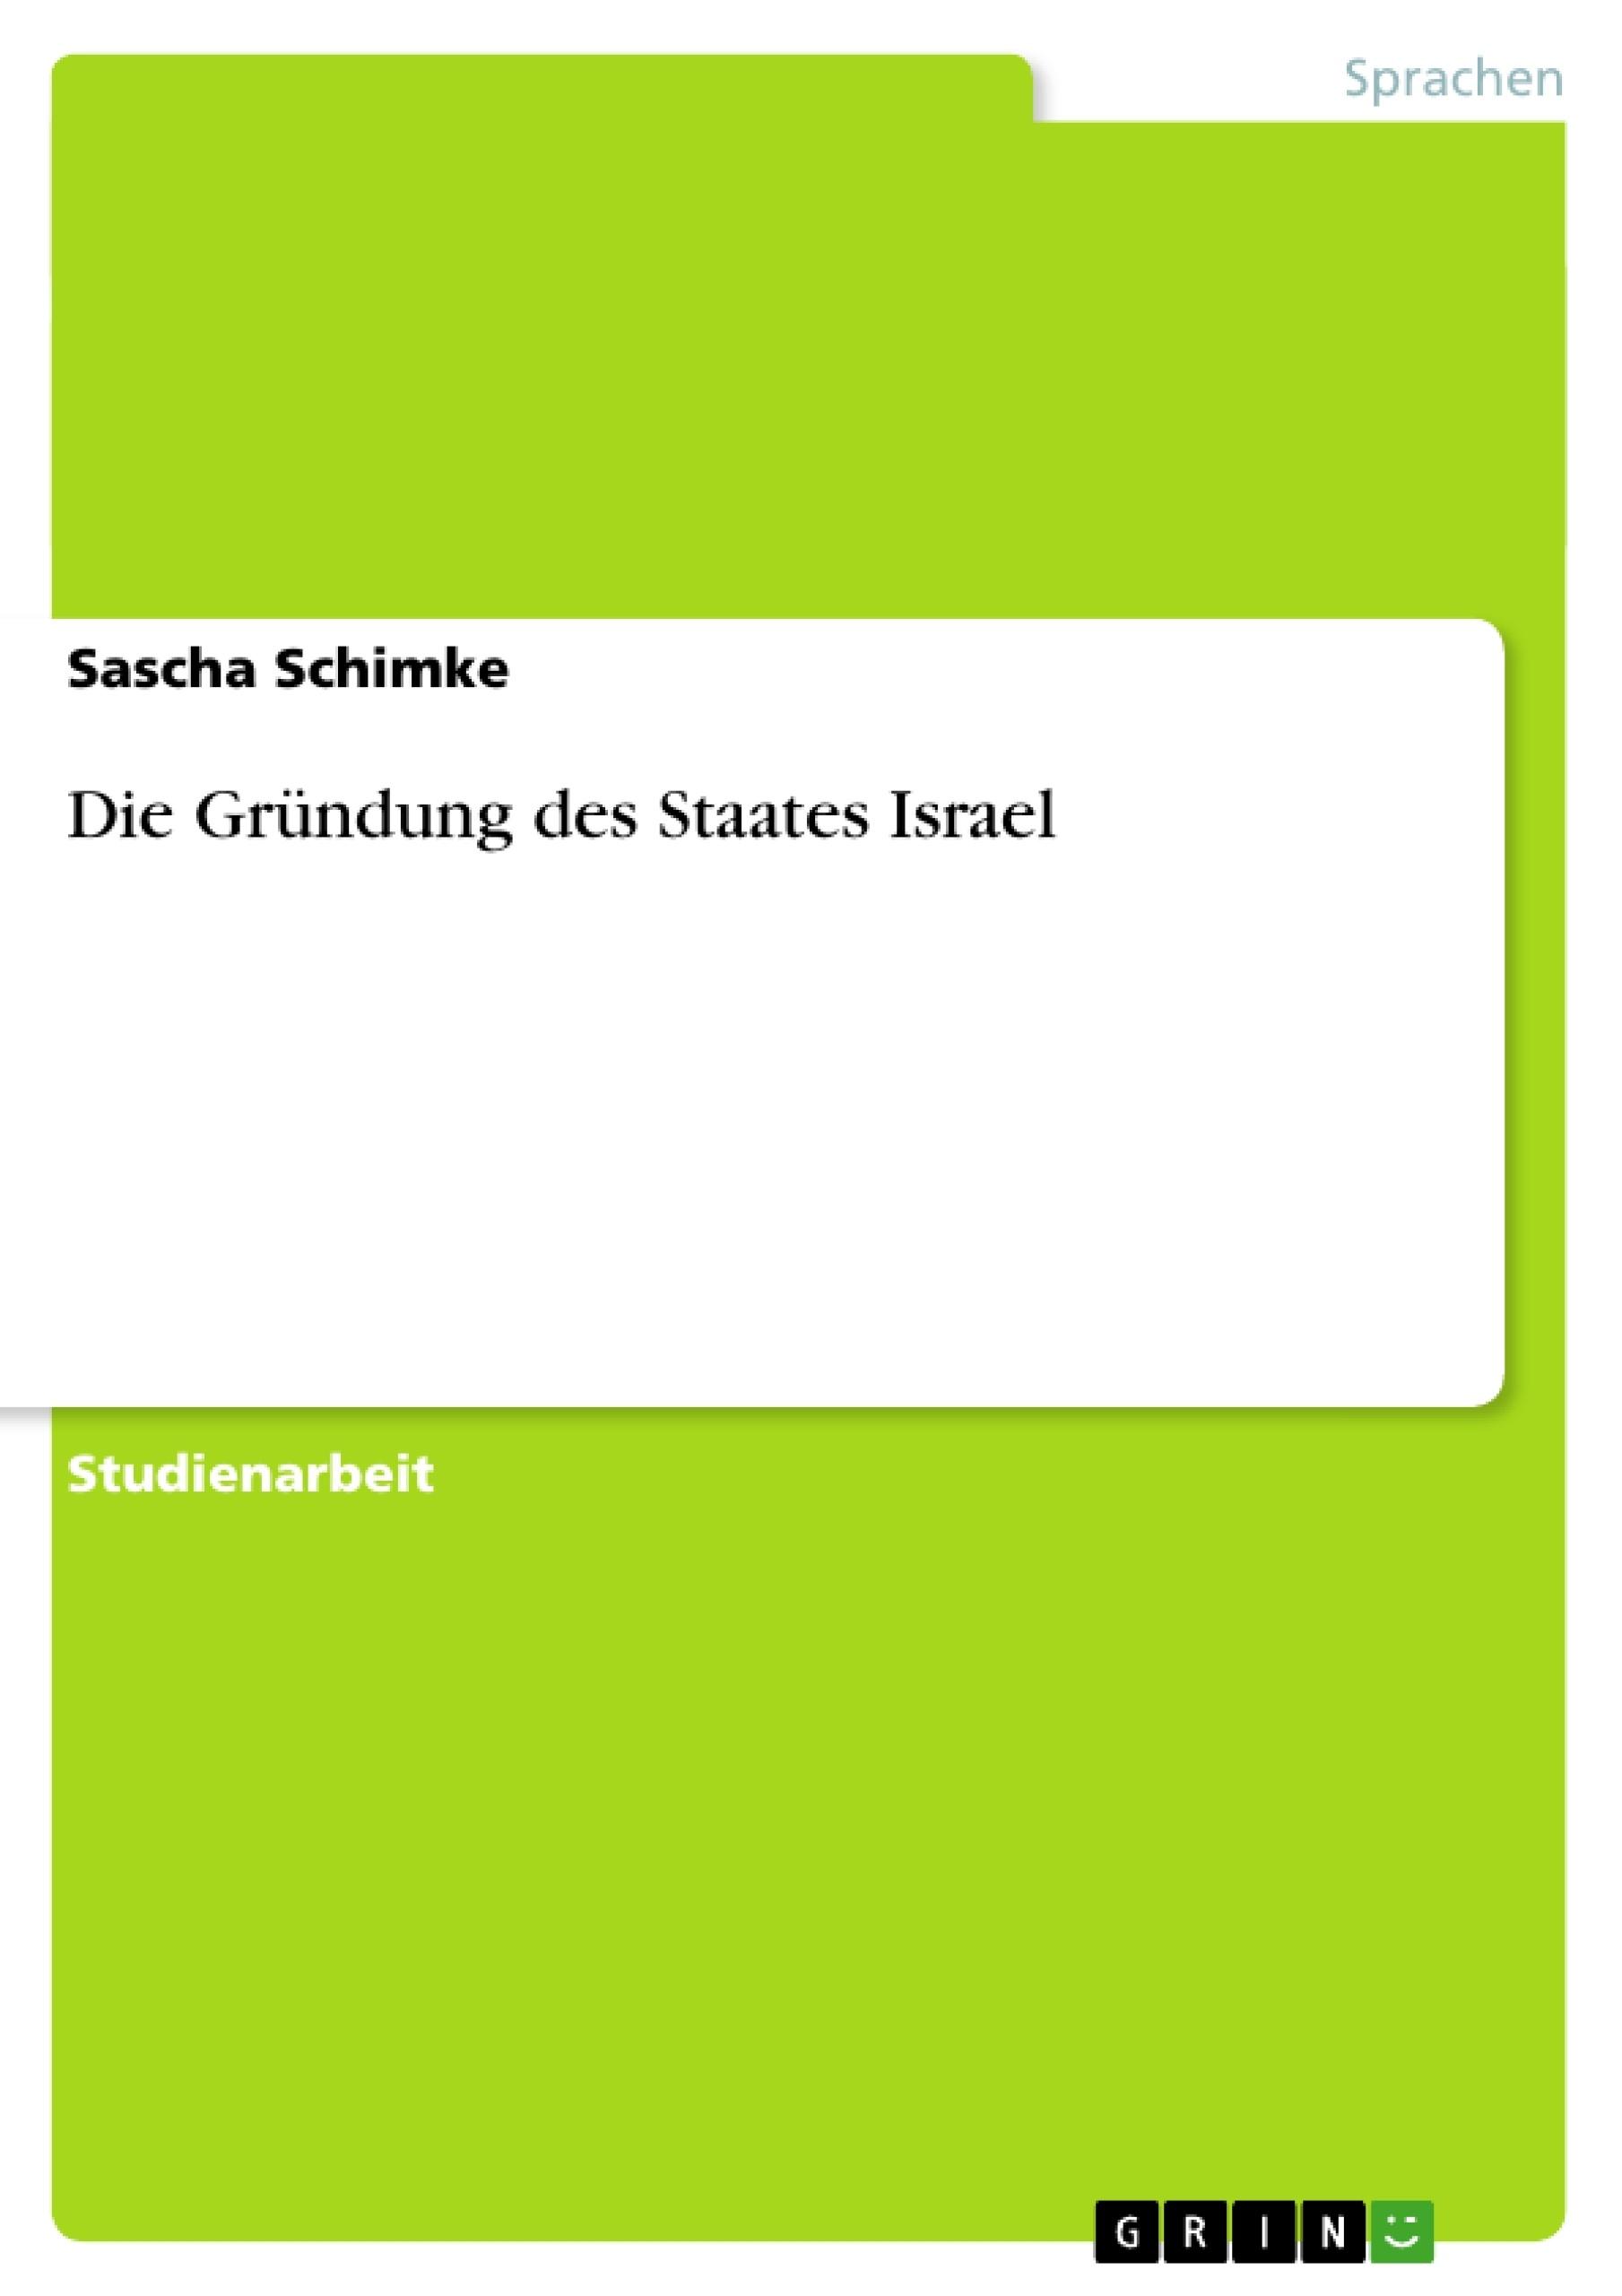 Titel: Die Gründung des Staates Israel